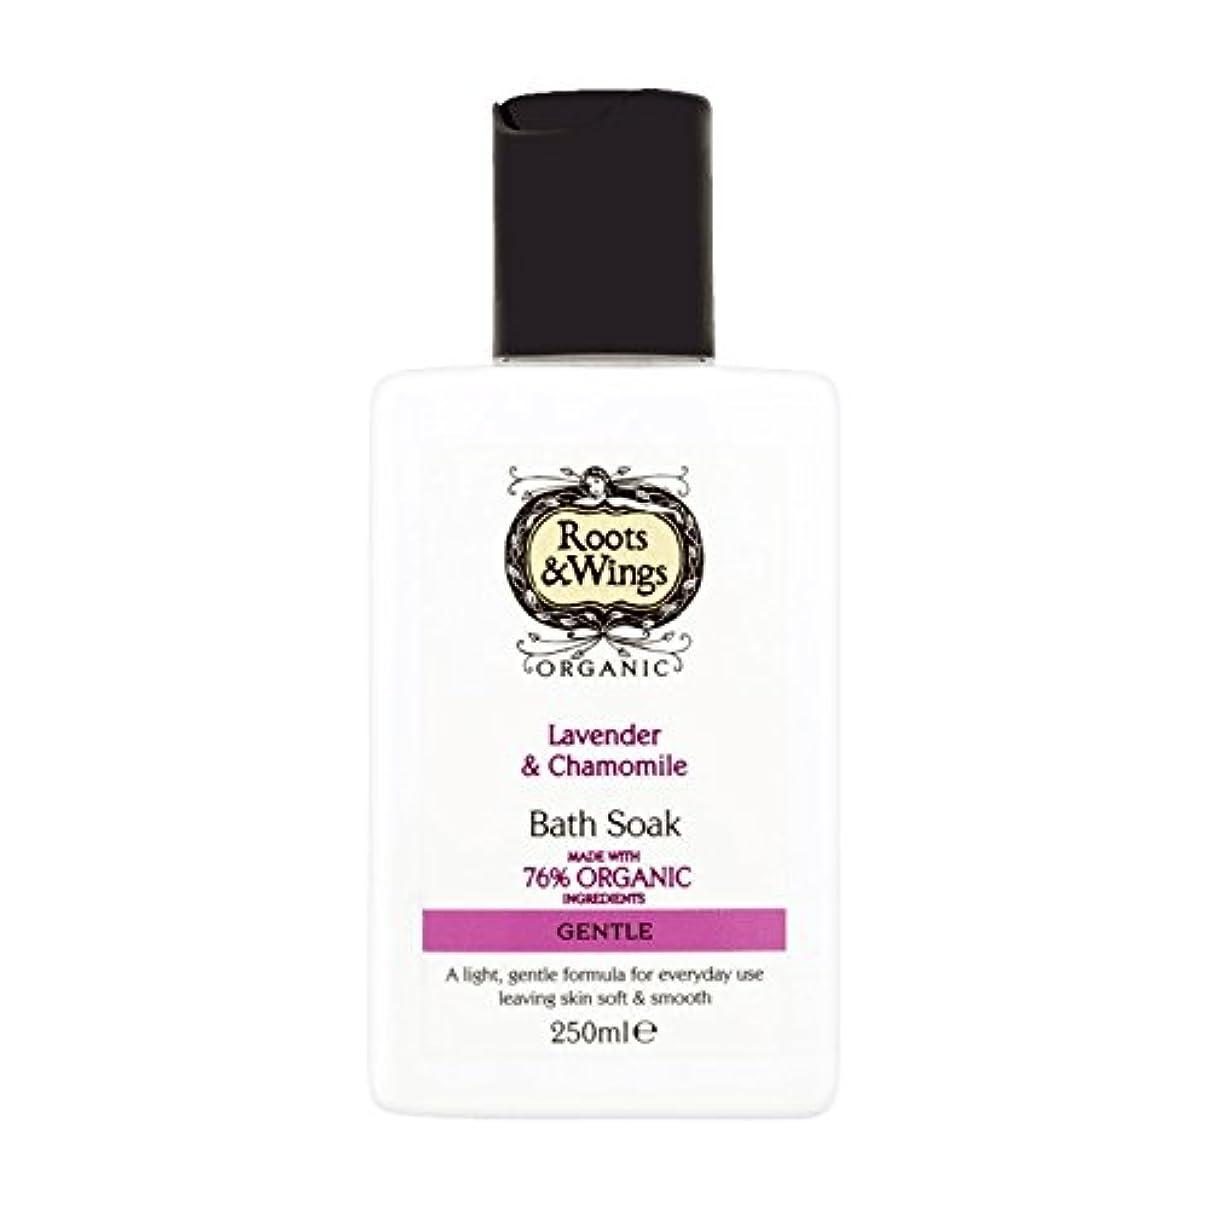 世界怒り発疹Roots & Wings Bath Soak Lavender & Chamomile 250ml (Pack of 2) - ルーツ&翼はバスラベンダー&カモミール250ミリリットルを浸します (x2) [並行輸入品]